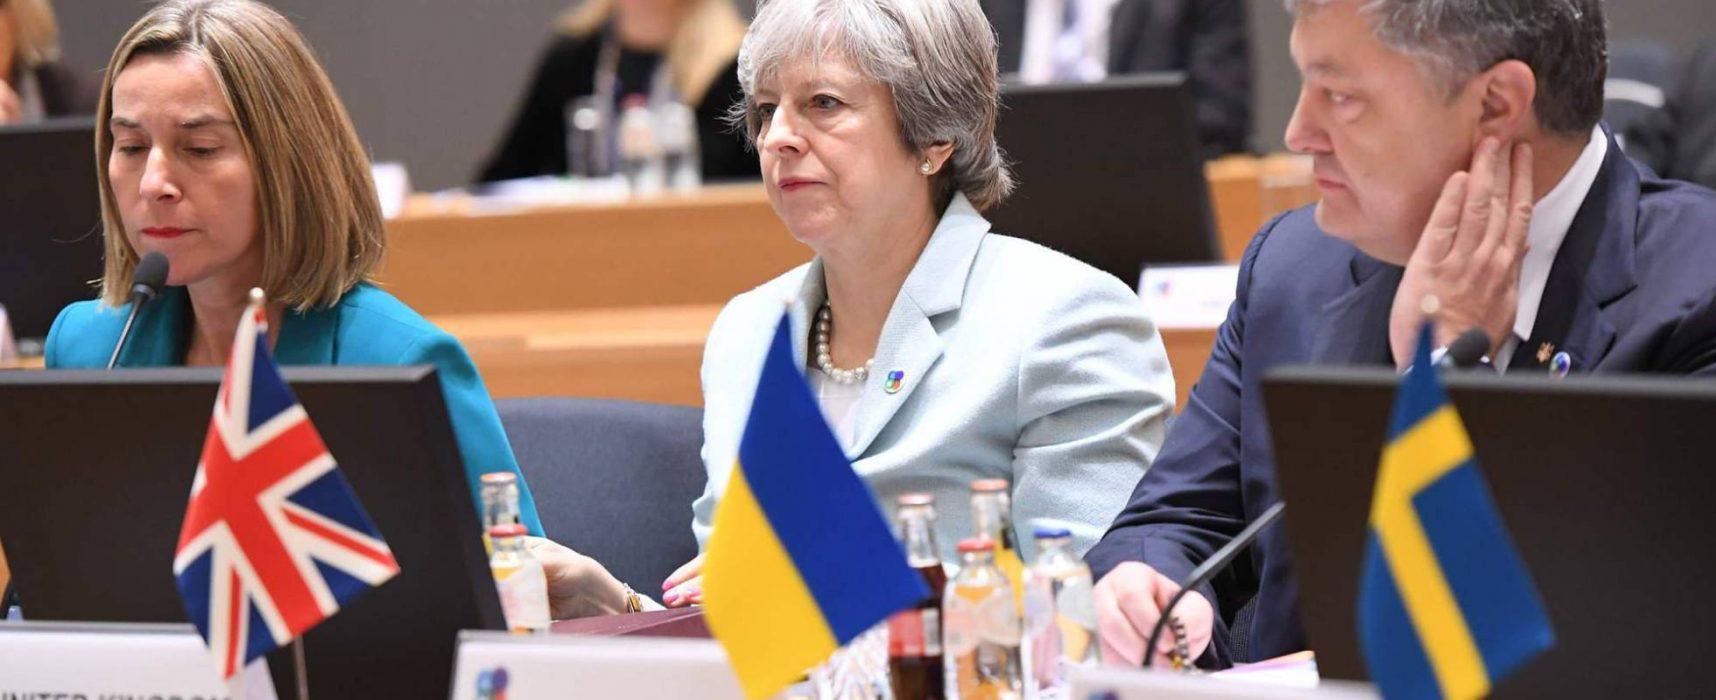 Bruselas aprueba unos 800 mil euros de presupuesto para contrarrestar la propaganda rusa en 2018